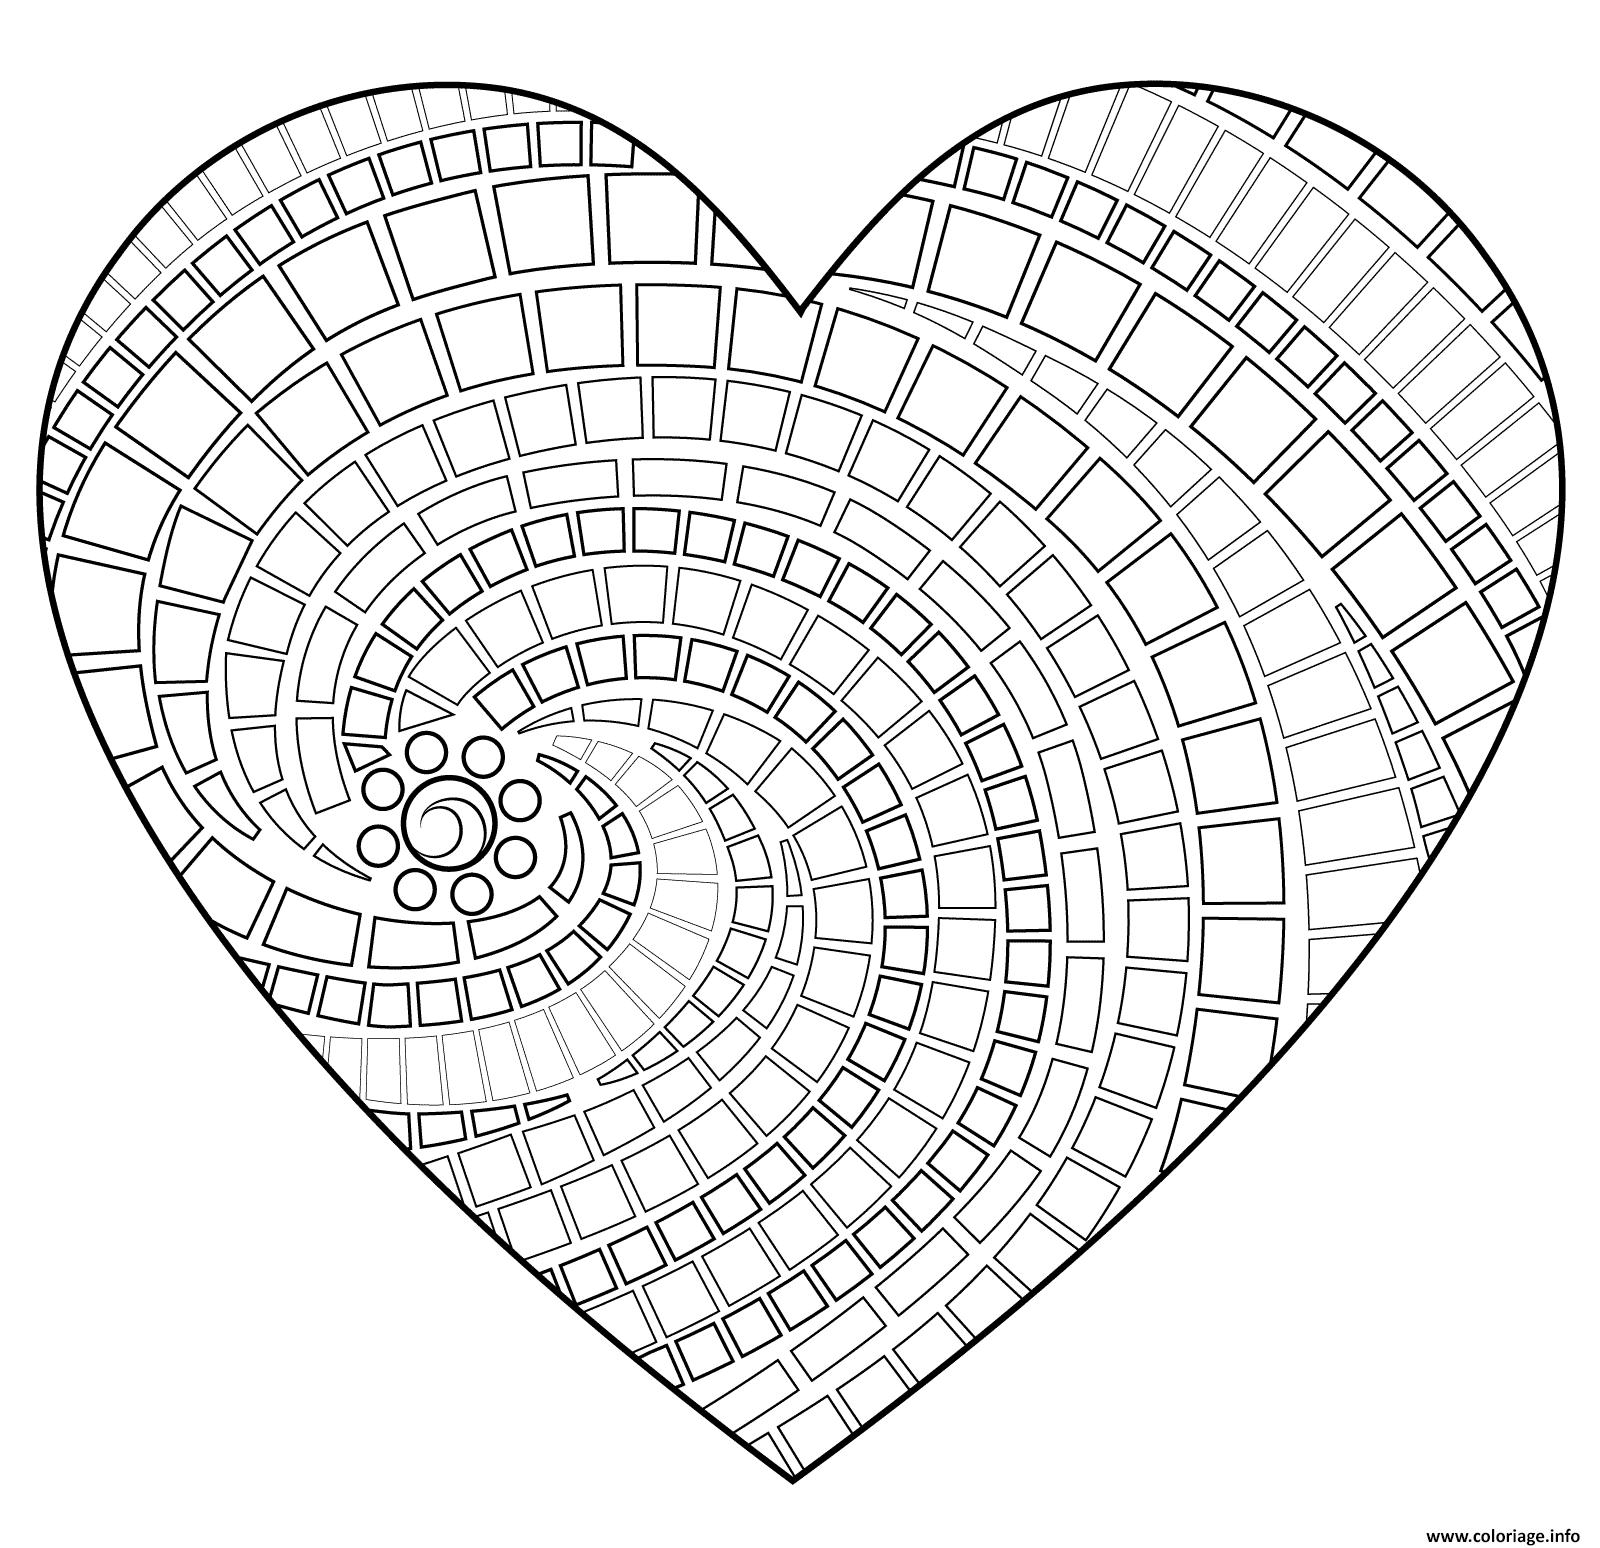 Coloriage Coeur De St Valentin.Coloriage Coeur Saint Valentin 149 Dessin